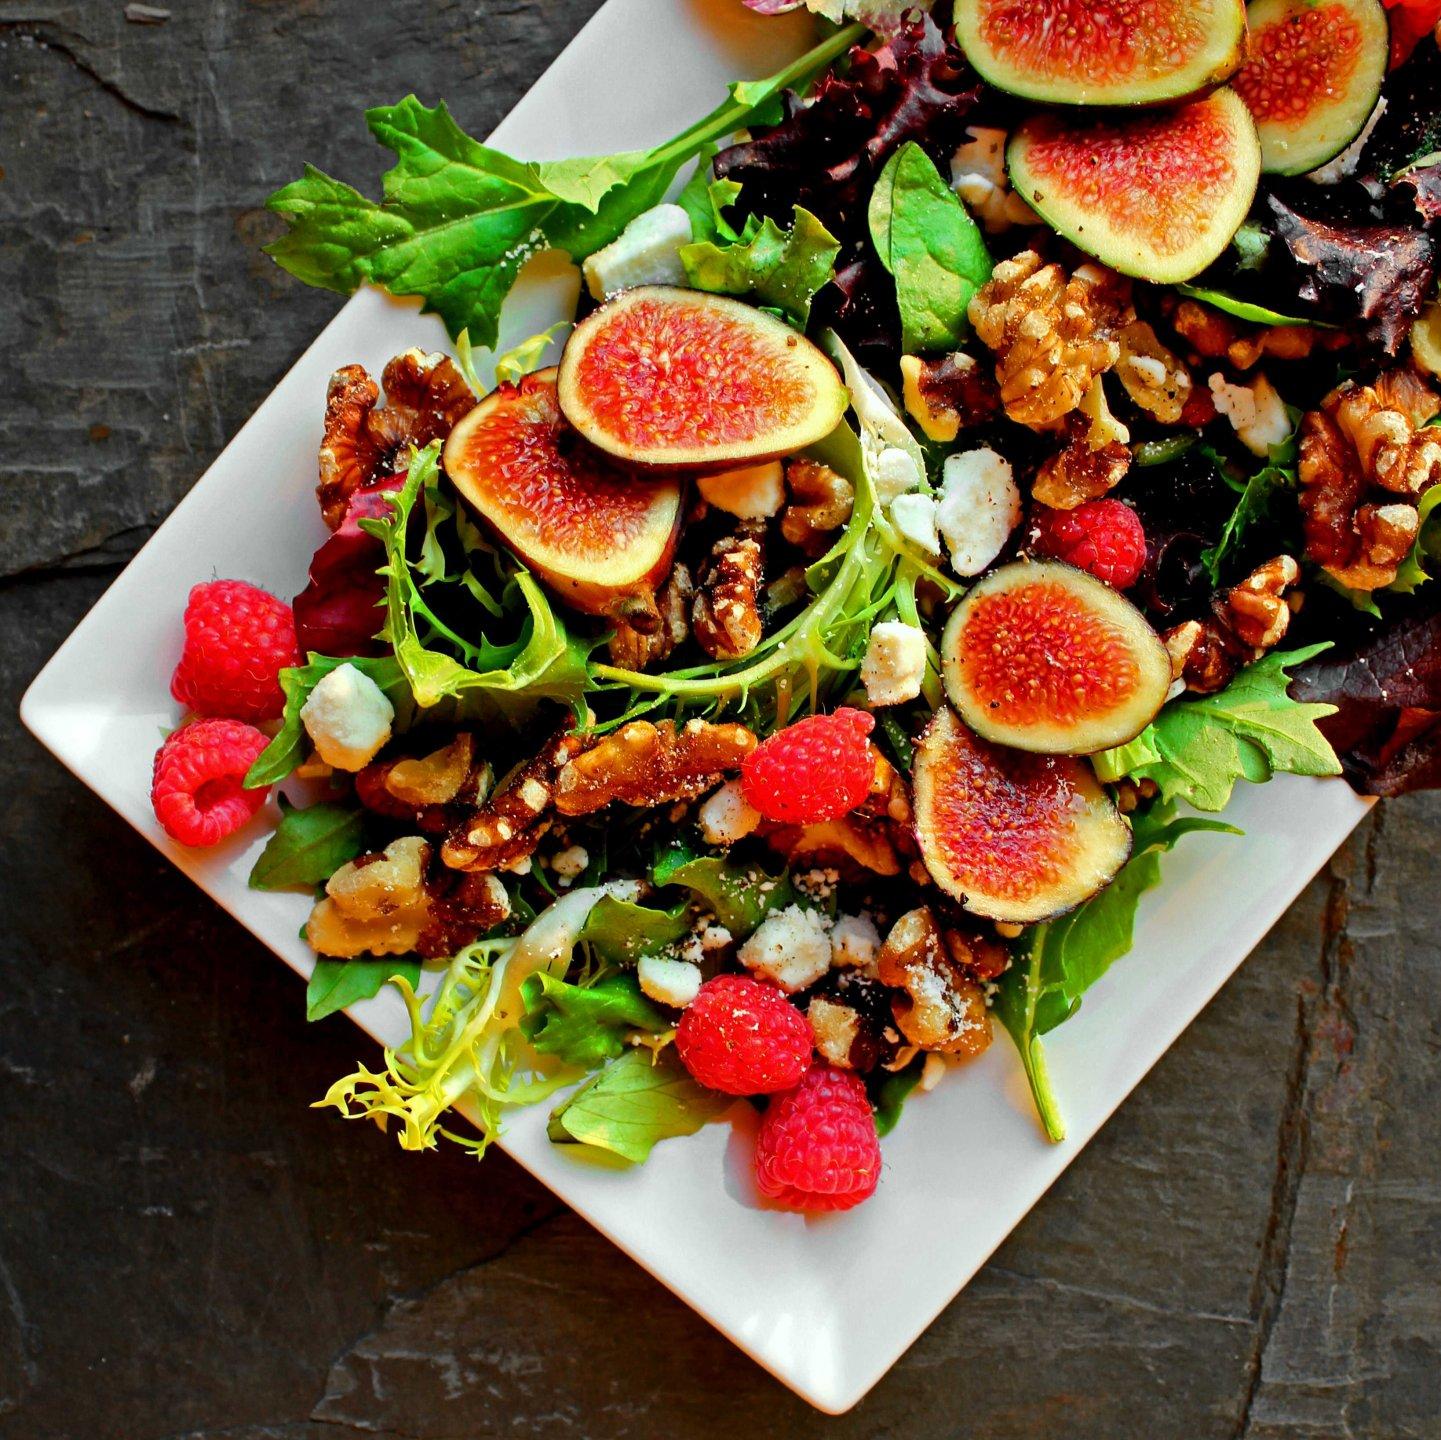 7 ideas para preparar ensaladas con fruta de primavera verano for Ideas ensaladas originales